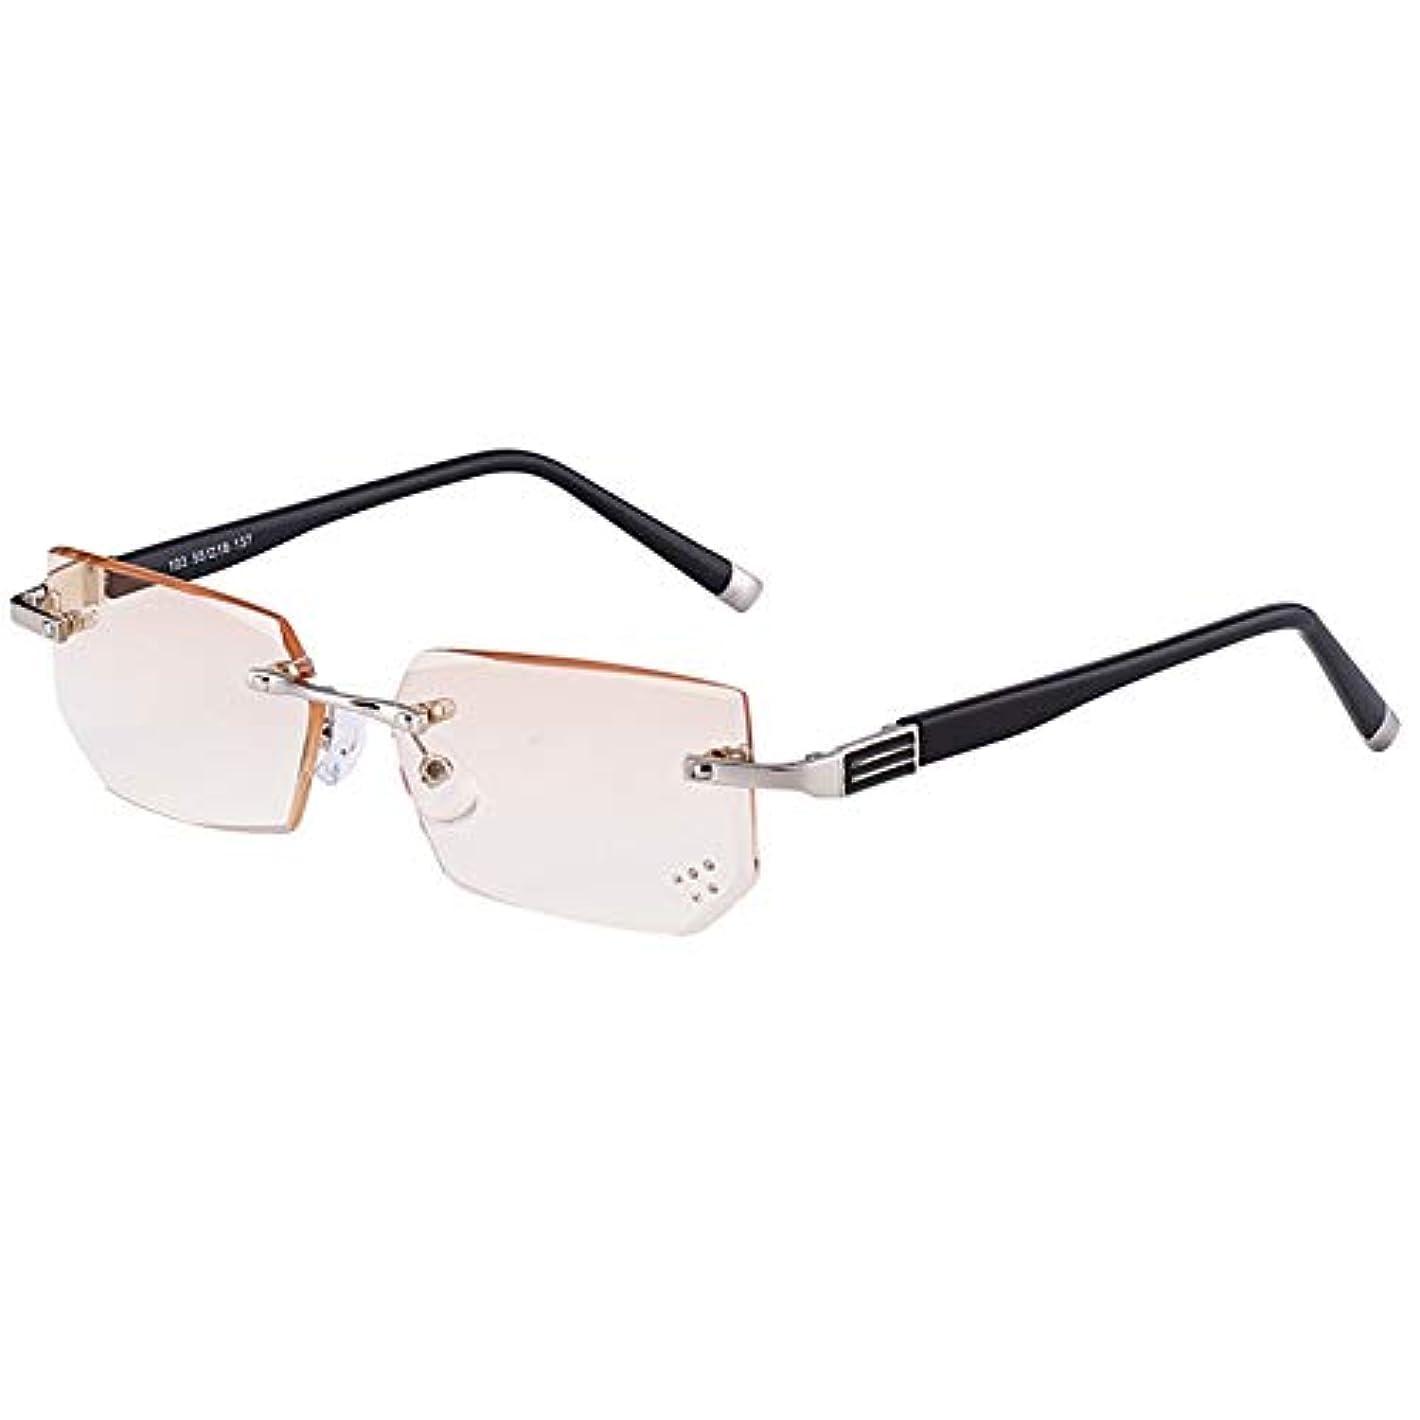 メンズアンチ疲労アンチブルー老眼鏡、 フレームレス老人読みますめがね ファッションダイヤモンドトリミングレディースメガネ